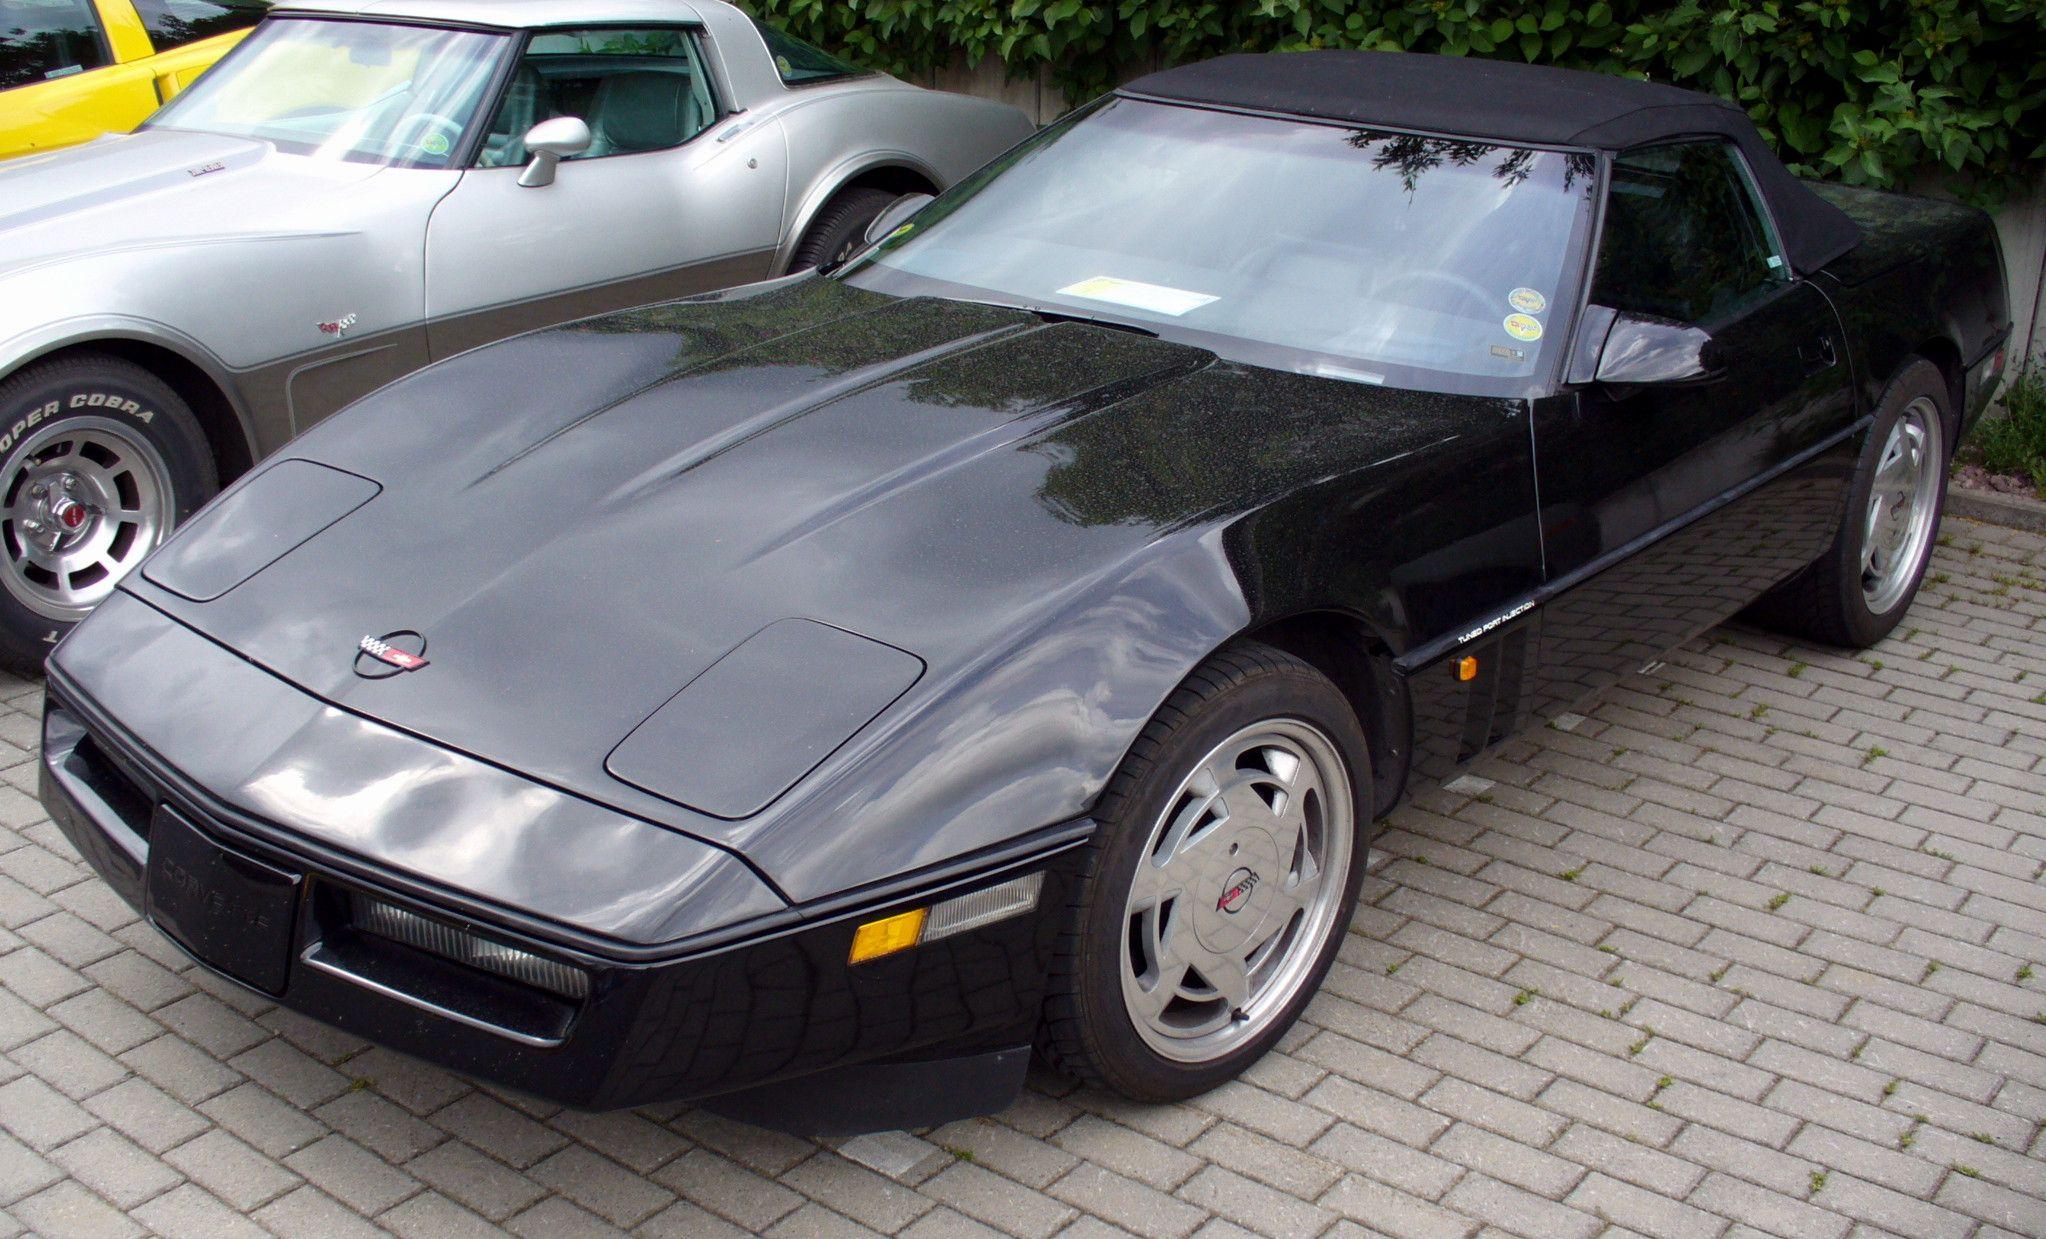 Corvette For Sale >> Best 25+ C6 corvette for sale ideas on Pinterest | Zo6 for sale, Corvette zr1 for sale and Chevy ...